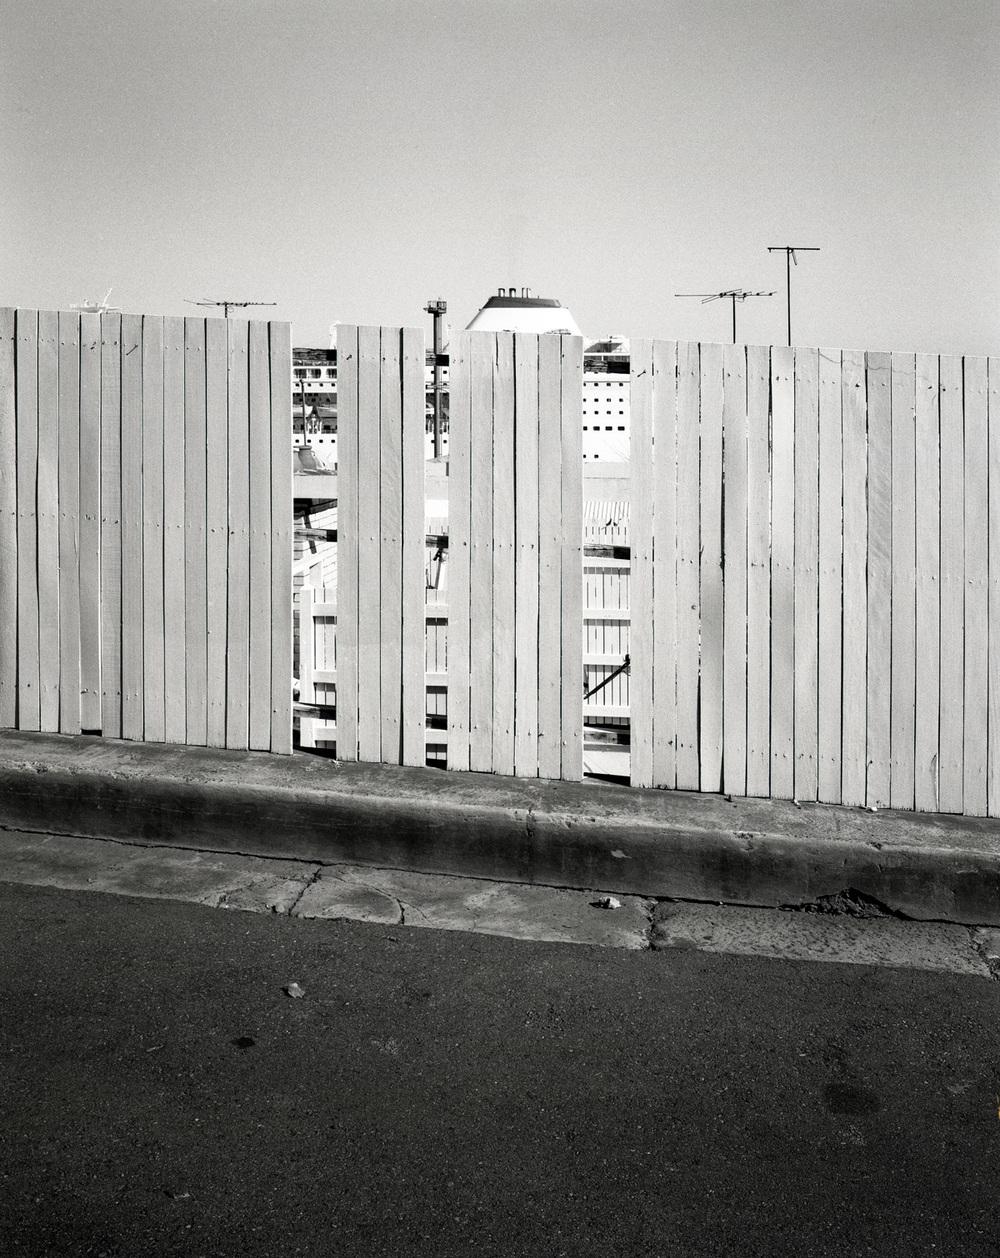 Geoffrey Roberts, Millers Point, Sydney, 2012